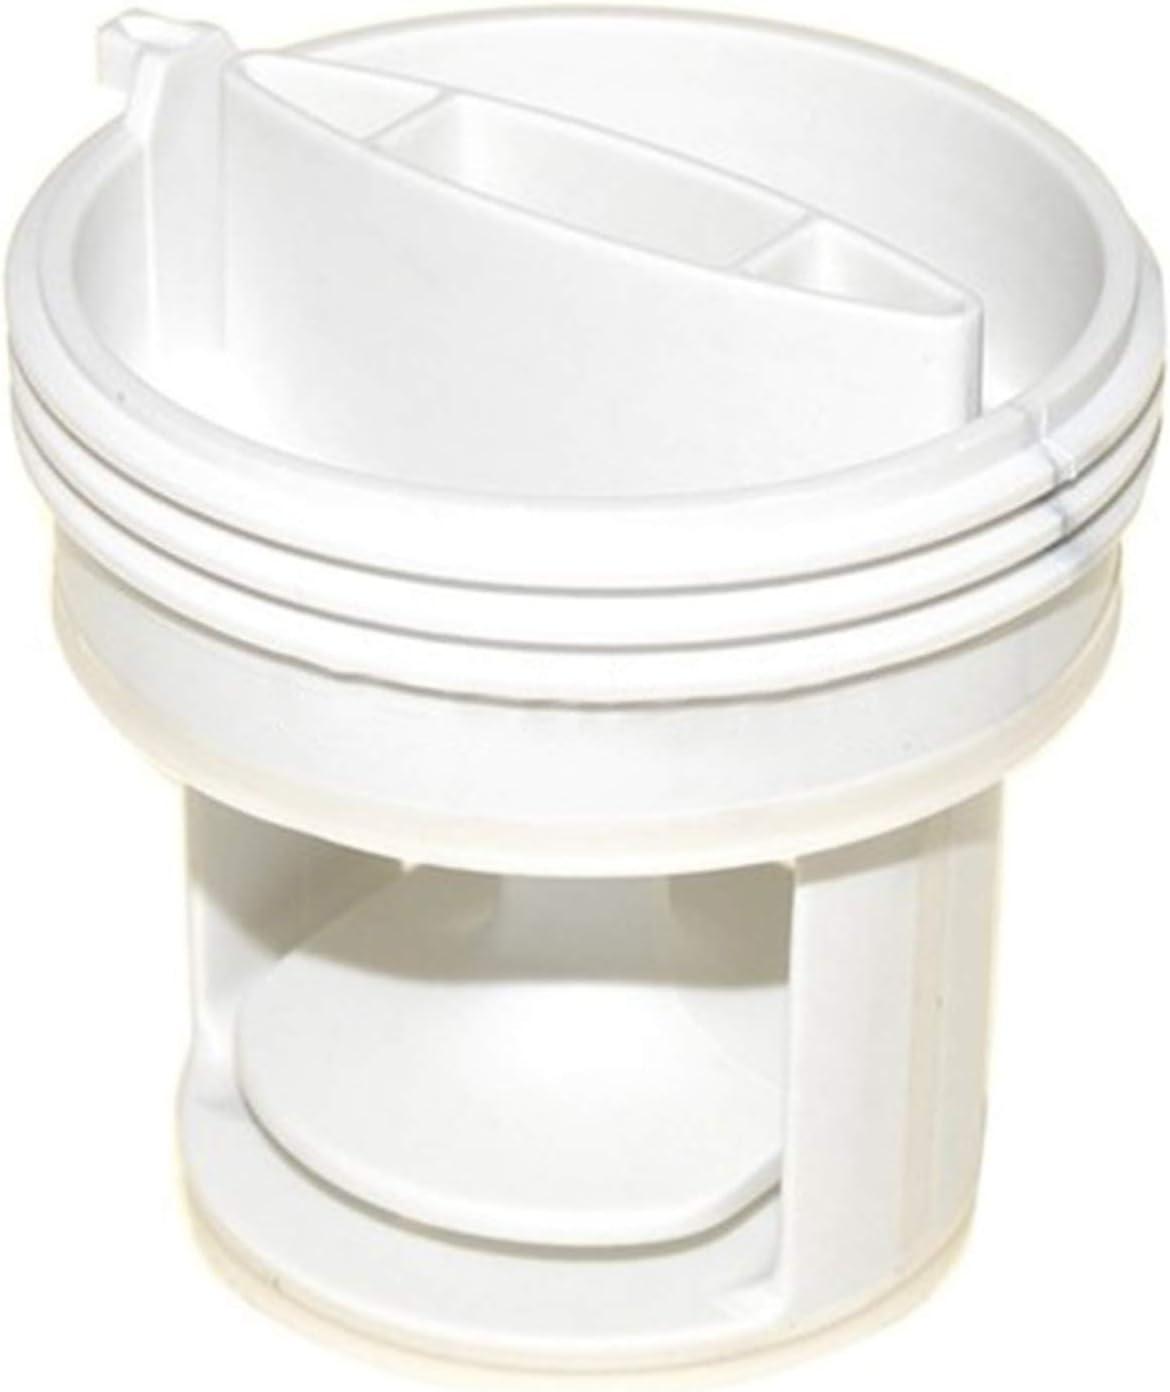 Spares2go - Filtro de bomba de drenaje para lavadora Hoover ...